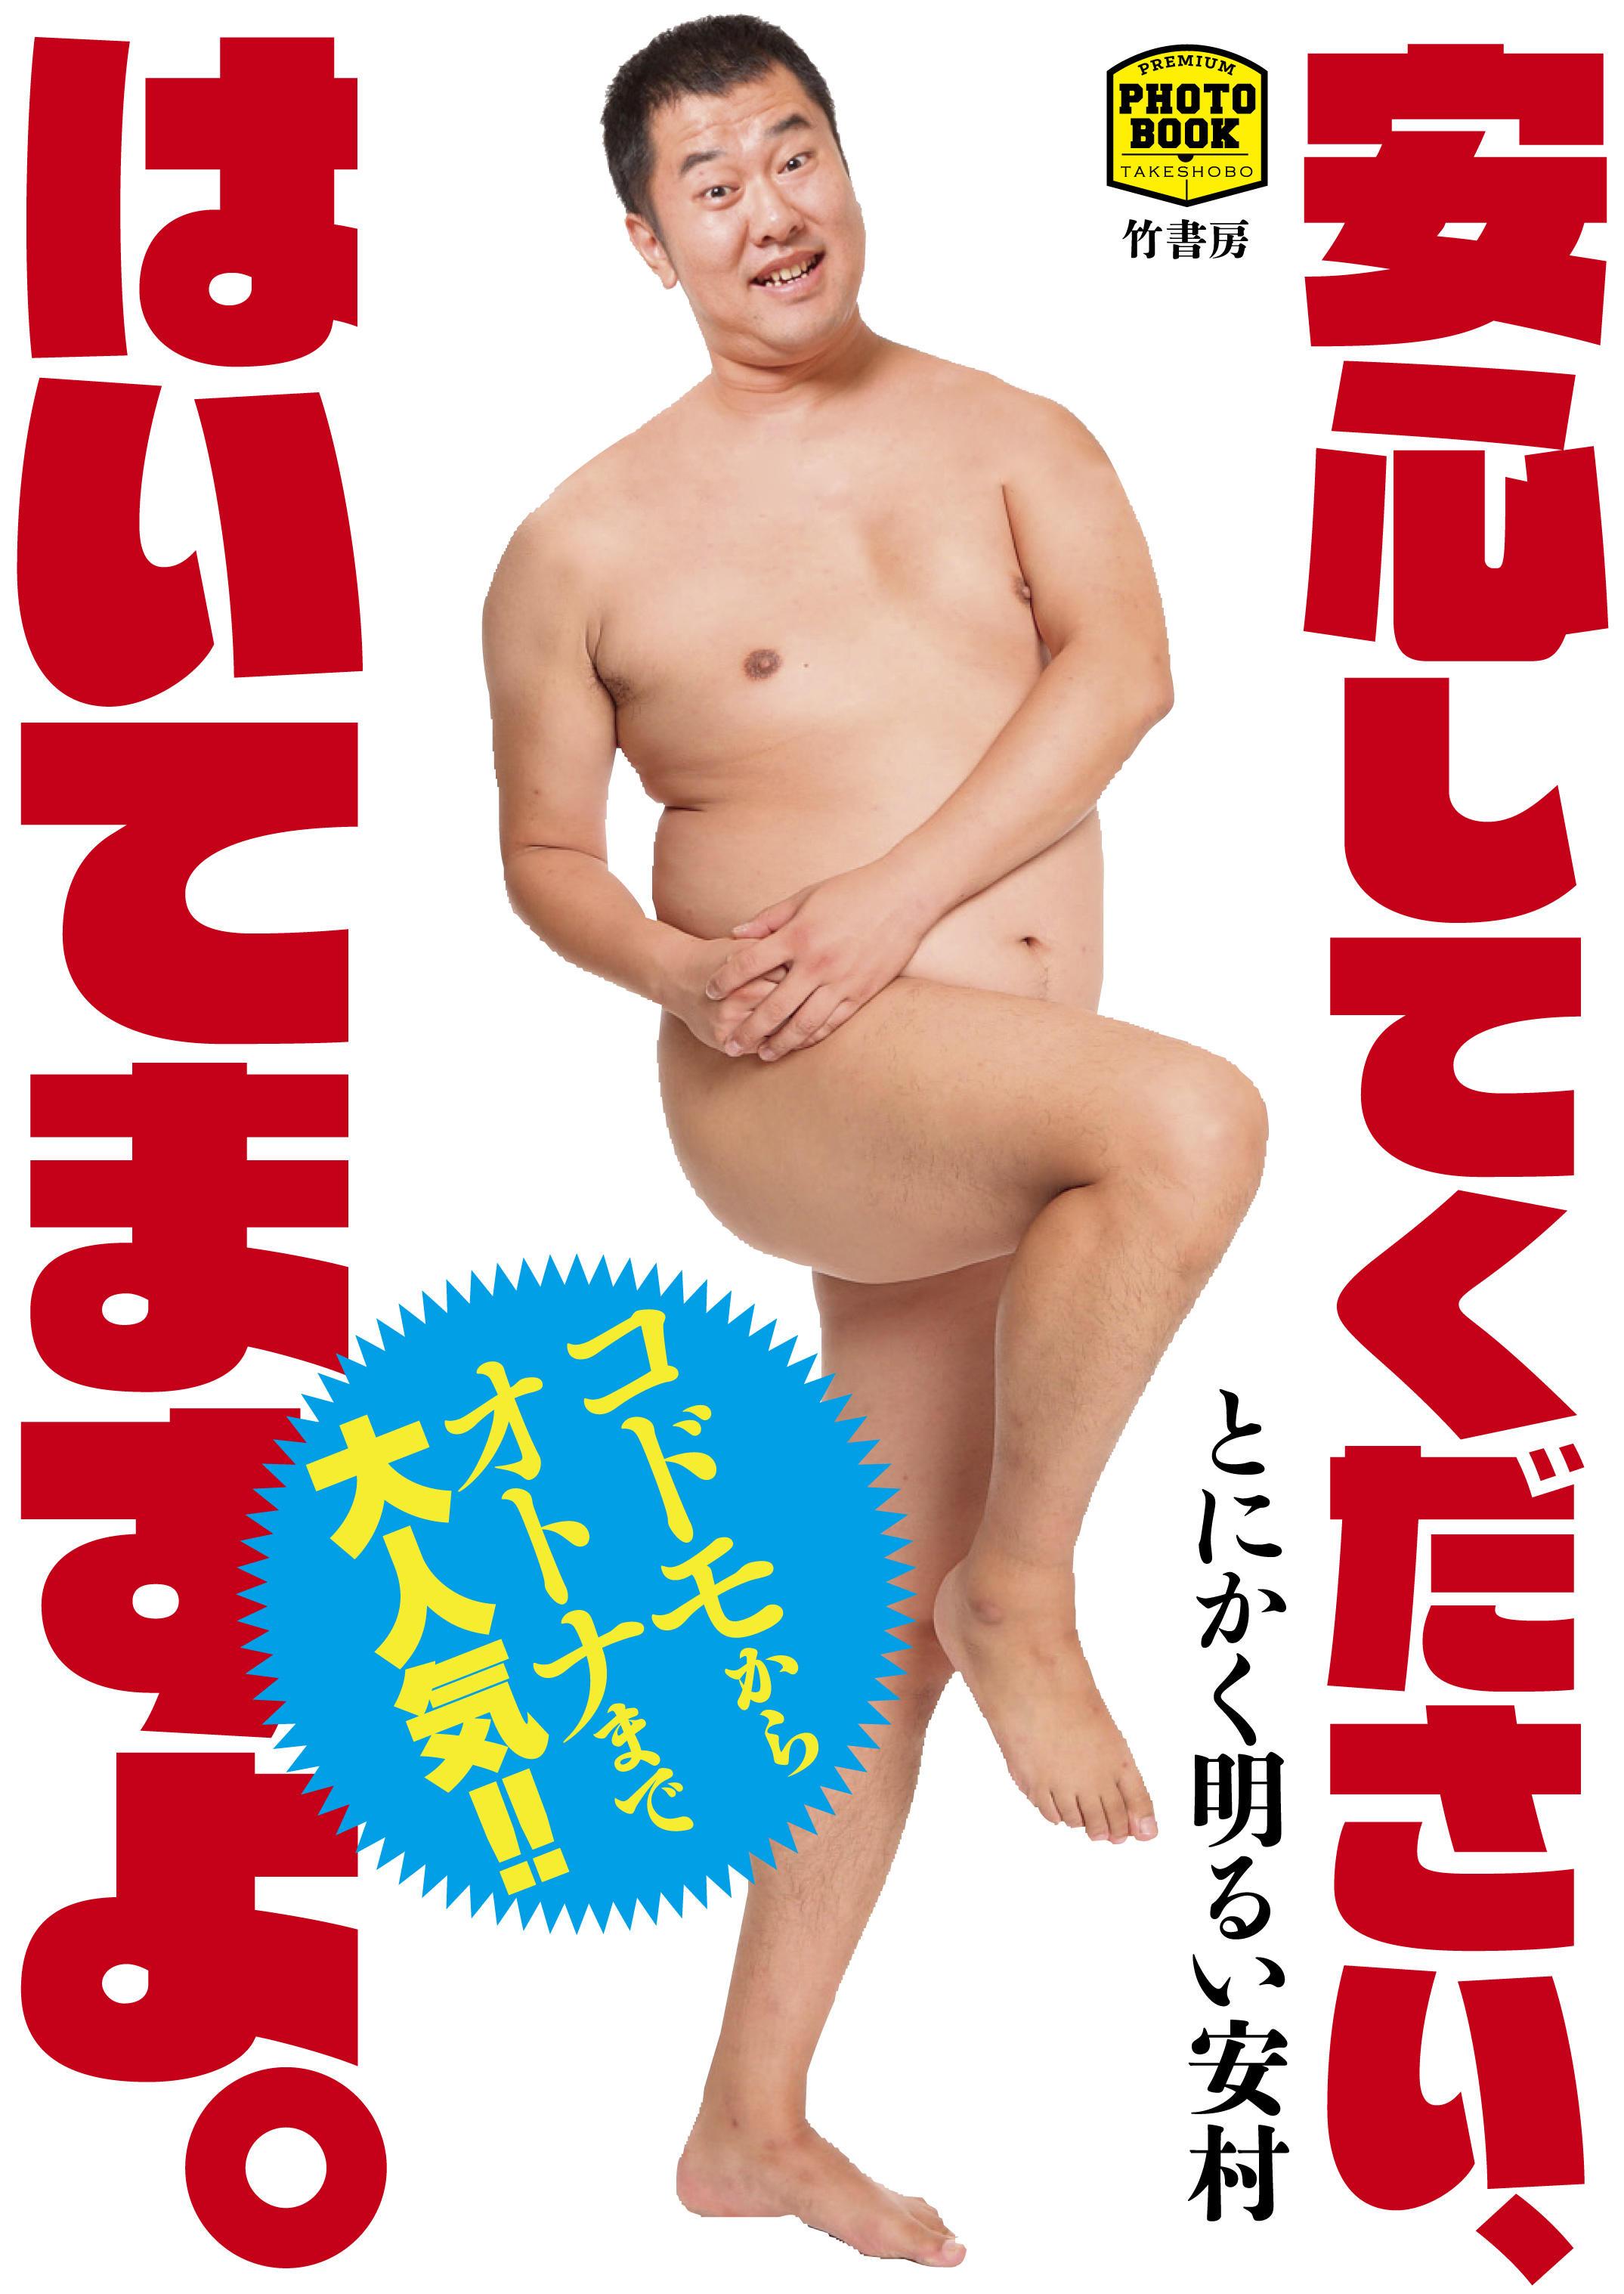 http://news.yoshimoto.co.jp/20151130194547-dcdbf1fd260db25f13c7fdc0b73d74993b9947e7.jpg